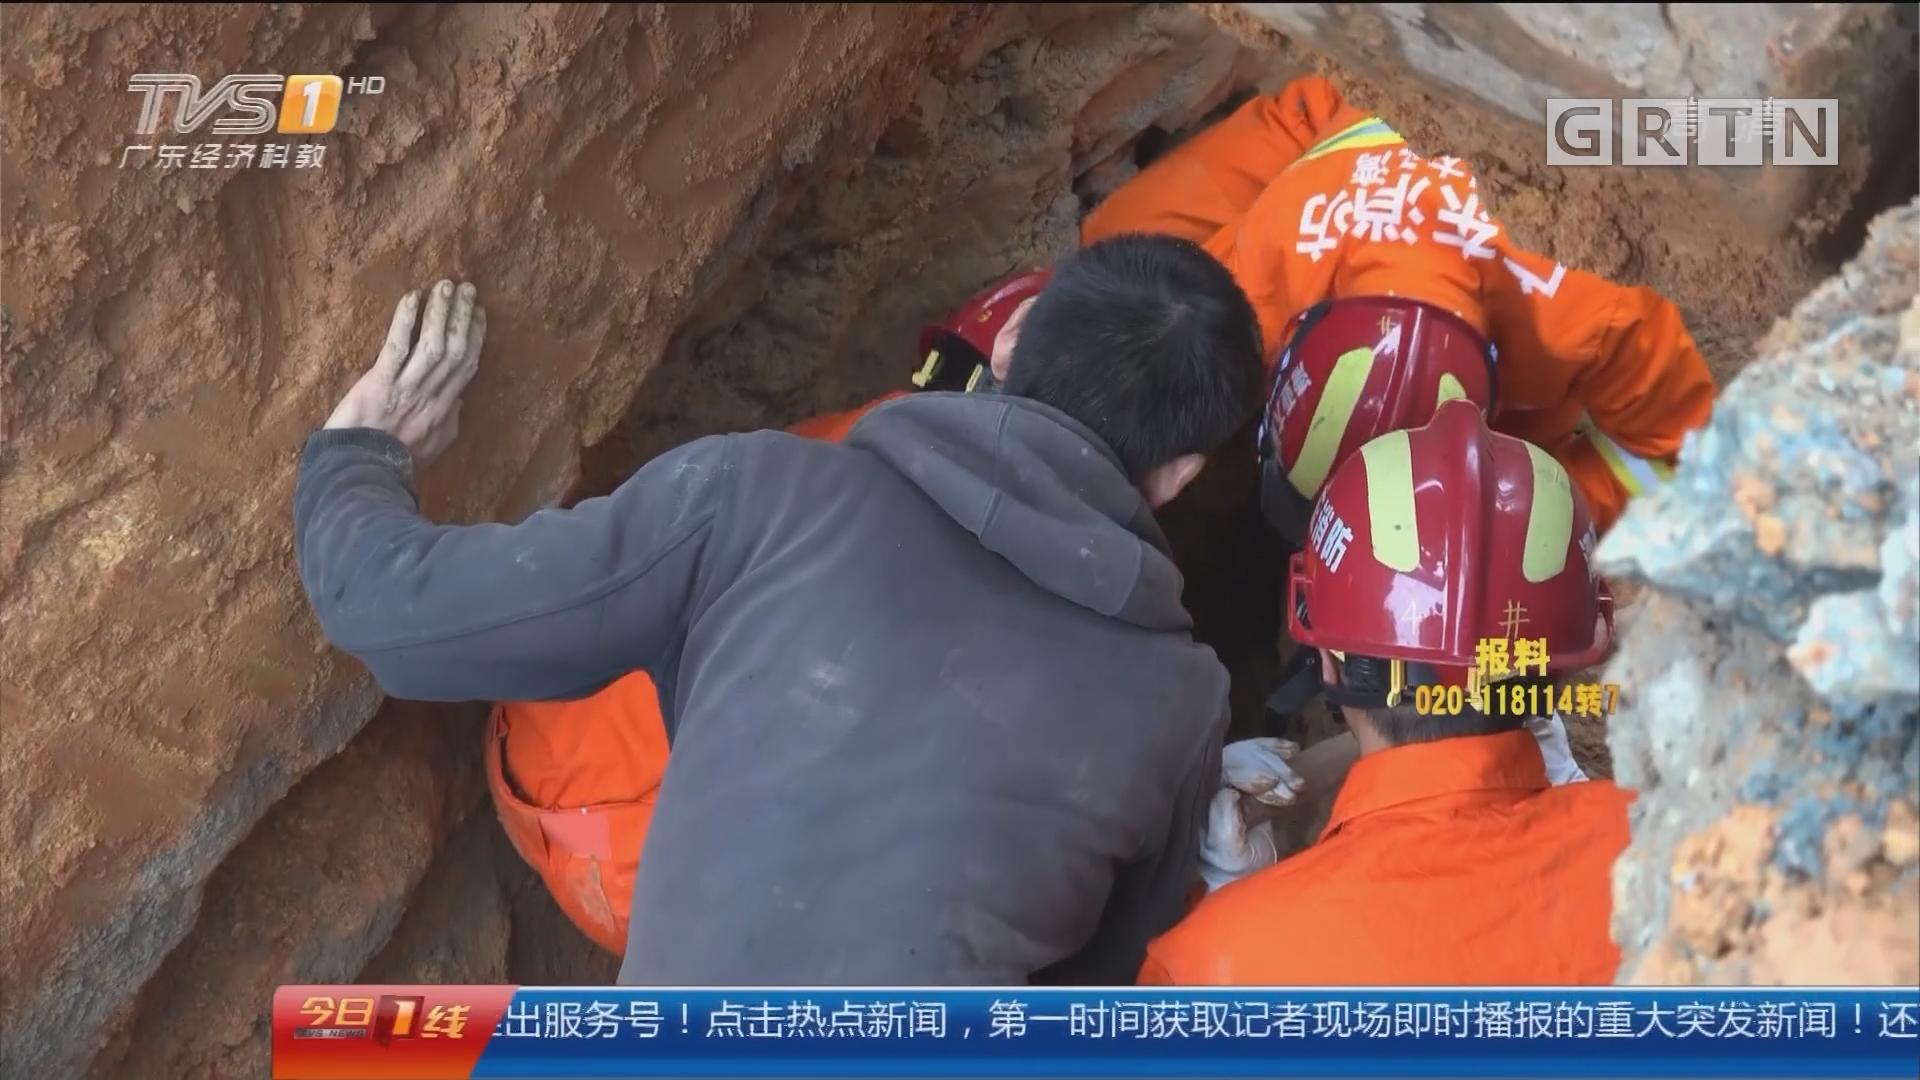 惠州:泥土塌方男子被埋 消防紧急救援